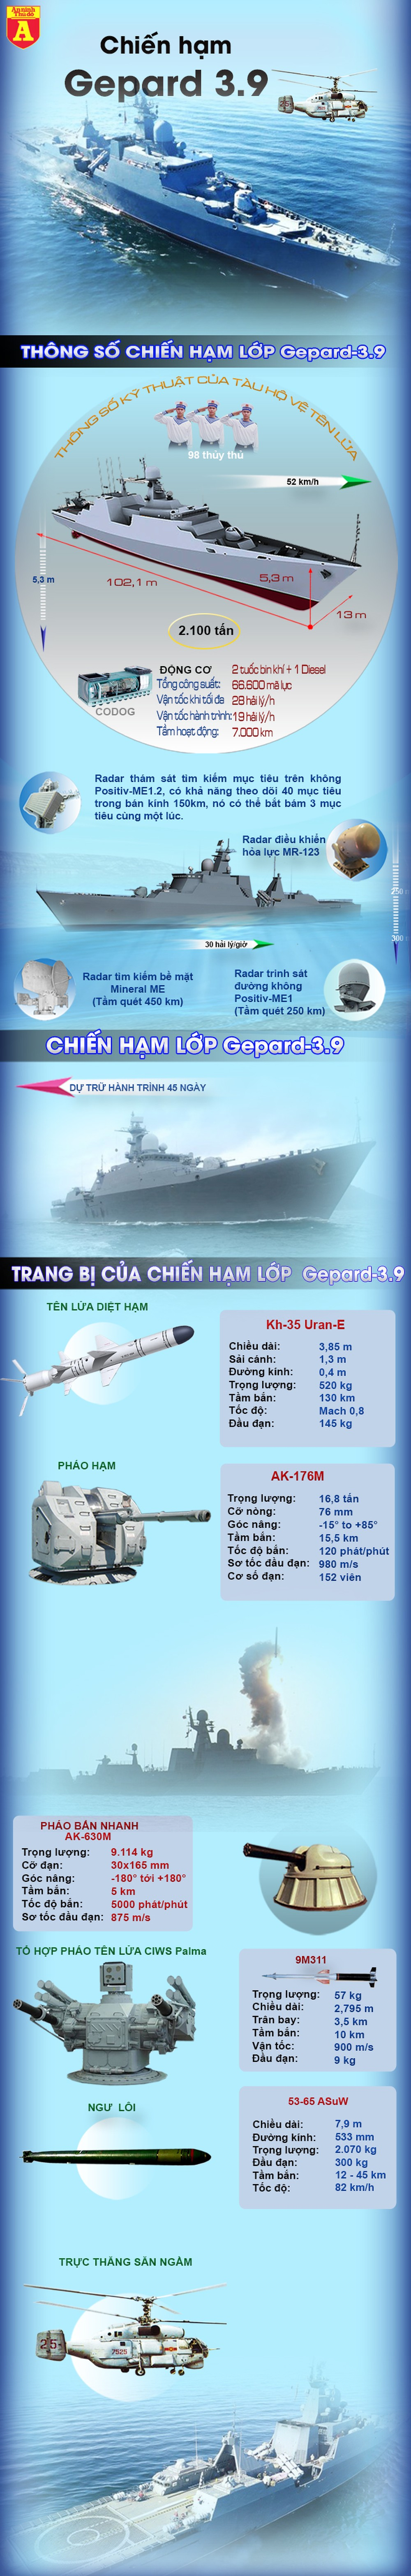 [Infographic] 'Cú đấm thép' Gepard 3.9 thứ 3 của Việt Nam vào biên chế với định danh Trần Hưng Đạo ảnh 4